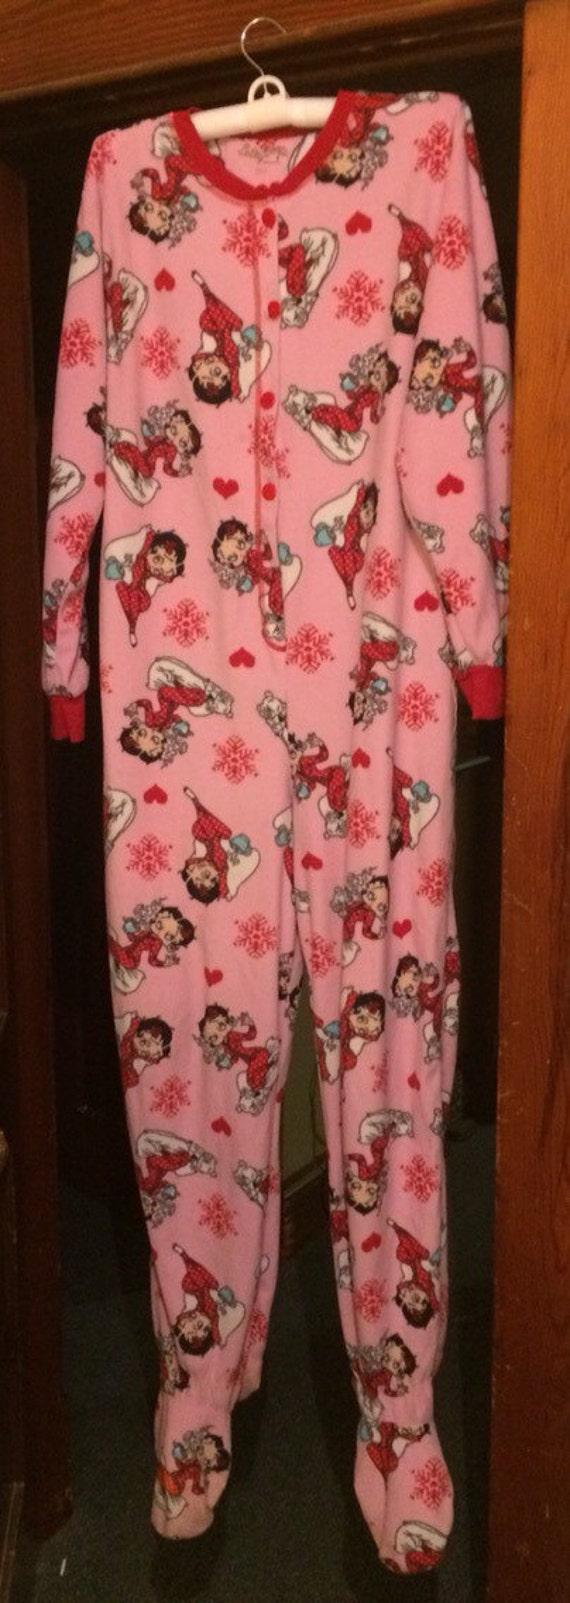 Betty Boop Pajamas uk Betty Boop Footie Pajamas